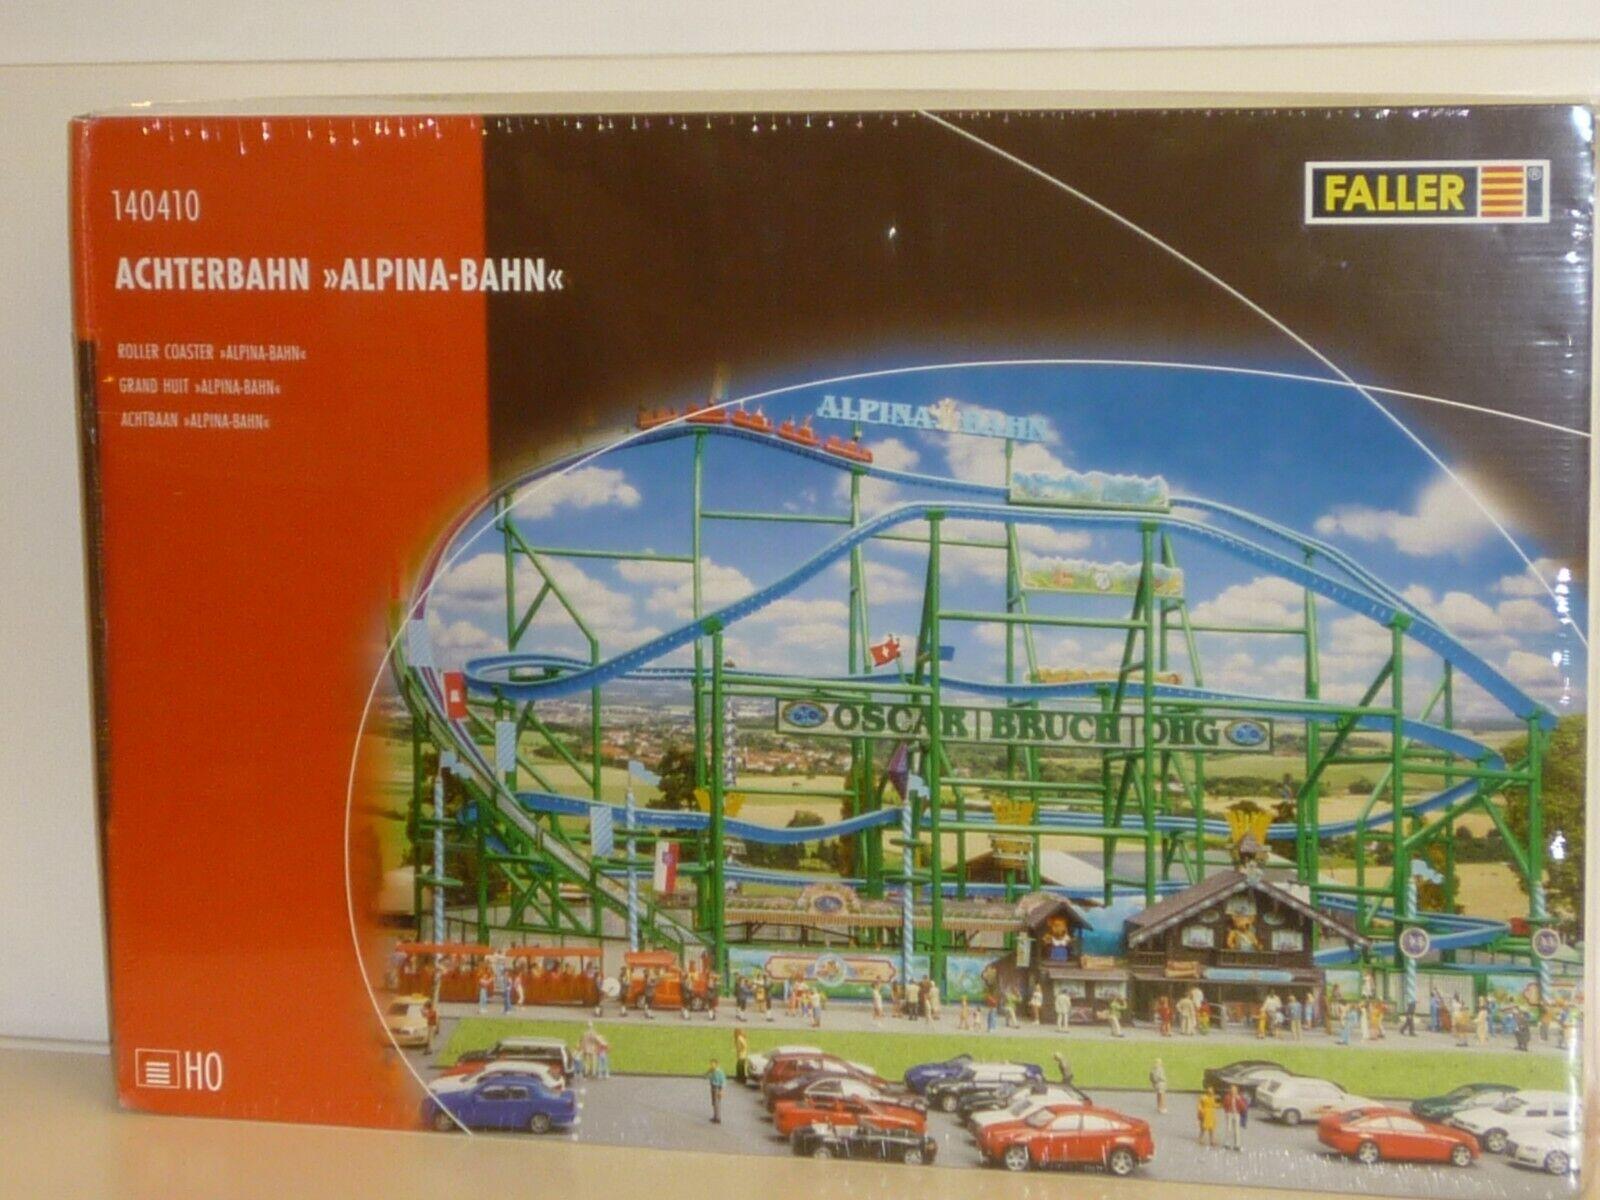 Faller h0  140410 montaña rusa alpina-Bahn-kit-nuevo en el embalaje original